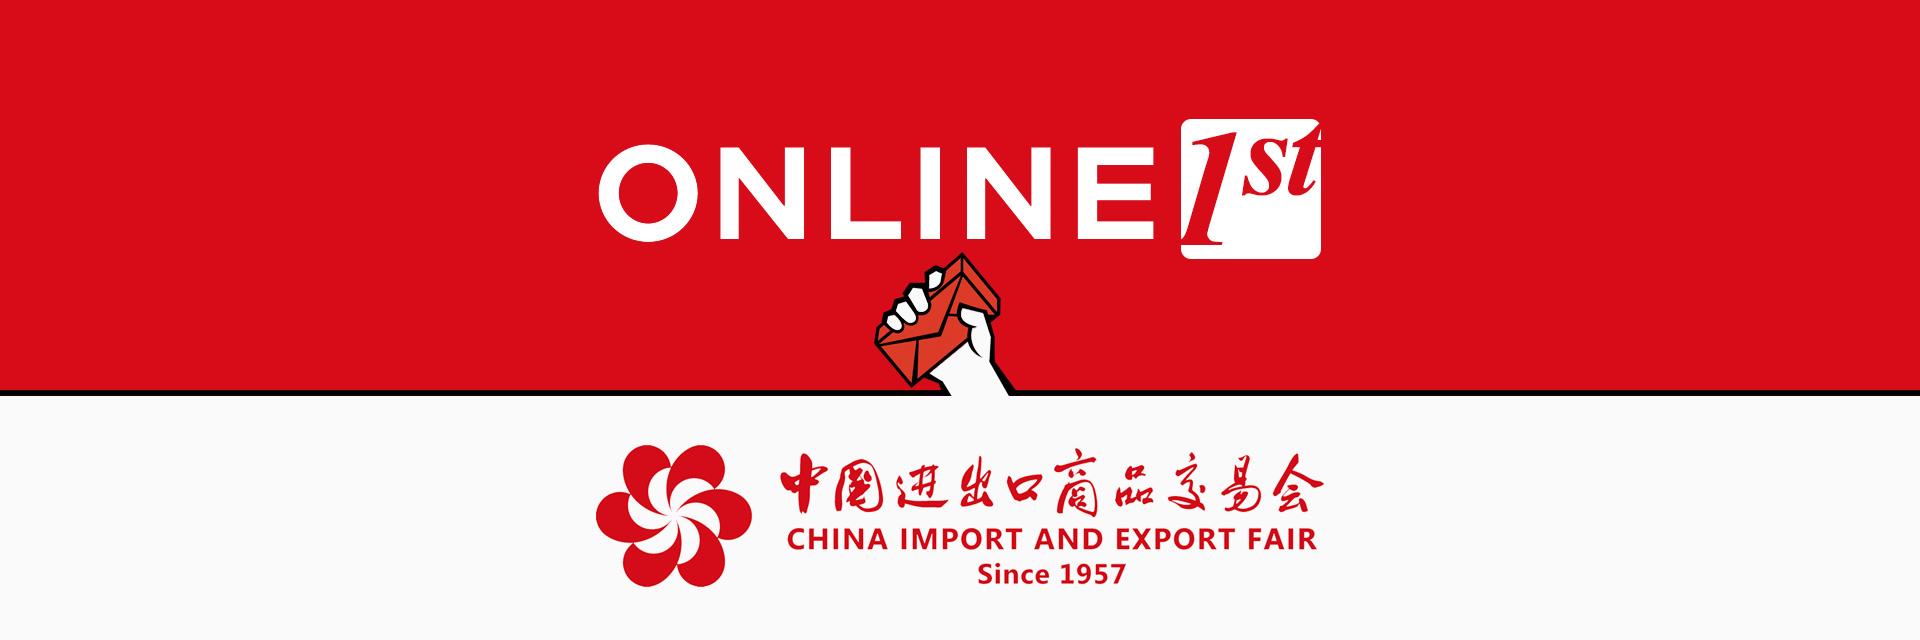 第127届网上广交会 Online Canton Fair